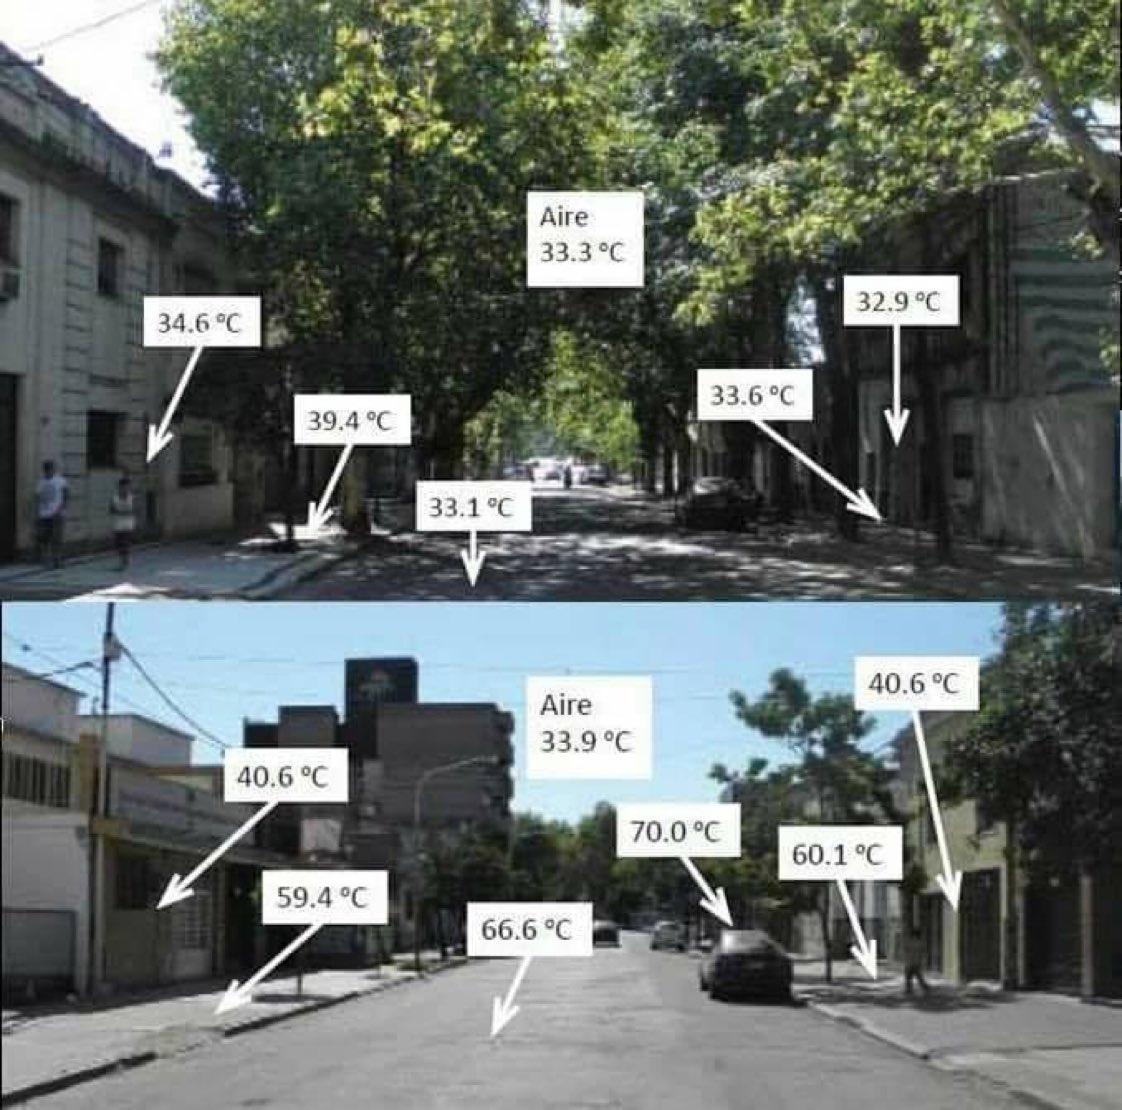 Ağaç deyip geçmeyin..🙏 -Ortalama 66 derecelik bir sıcaklığı, 33 dereceye kadar düşürür. -Yetişkin bir ağaç ortalama 500 kg CO2'yi emer. -Bir ağaç ortalama 4 insanın yıllık oksijen ihtiyacını karşılar.🌳🌳🌳 https://t.co/6A9fIboWLs